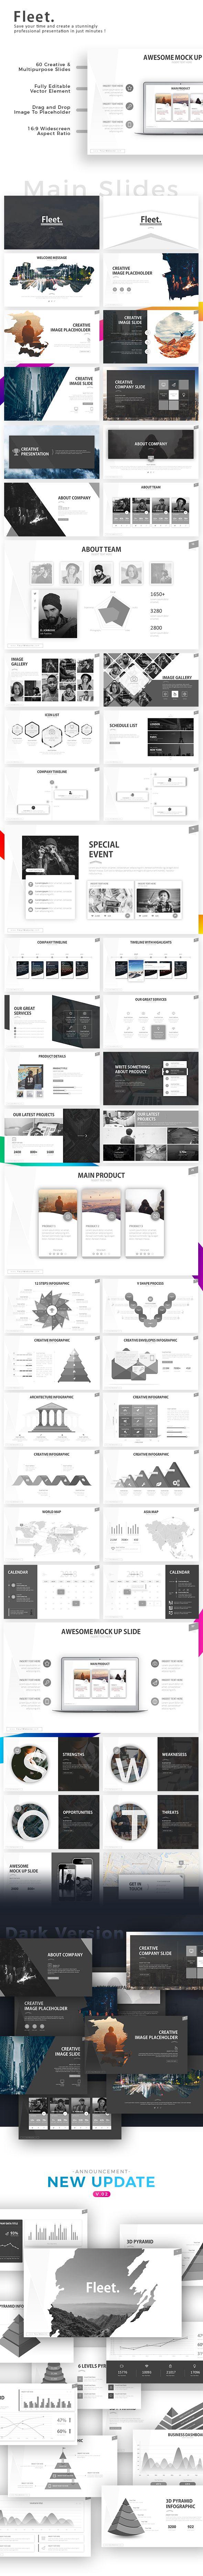 Fleet  Powerpoint Template  Element Chart Presentation